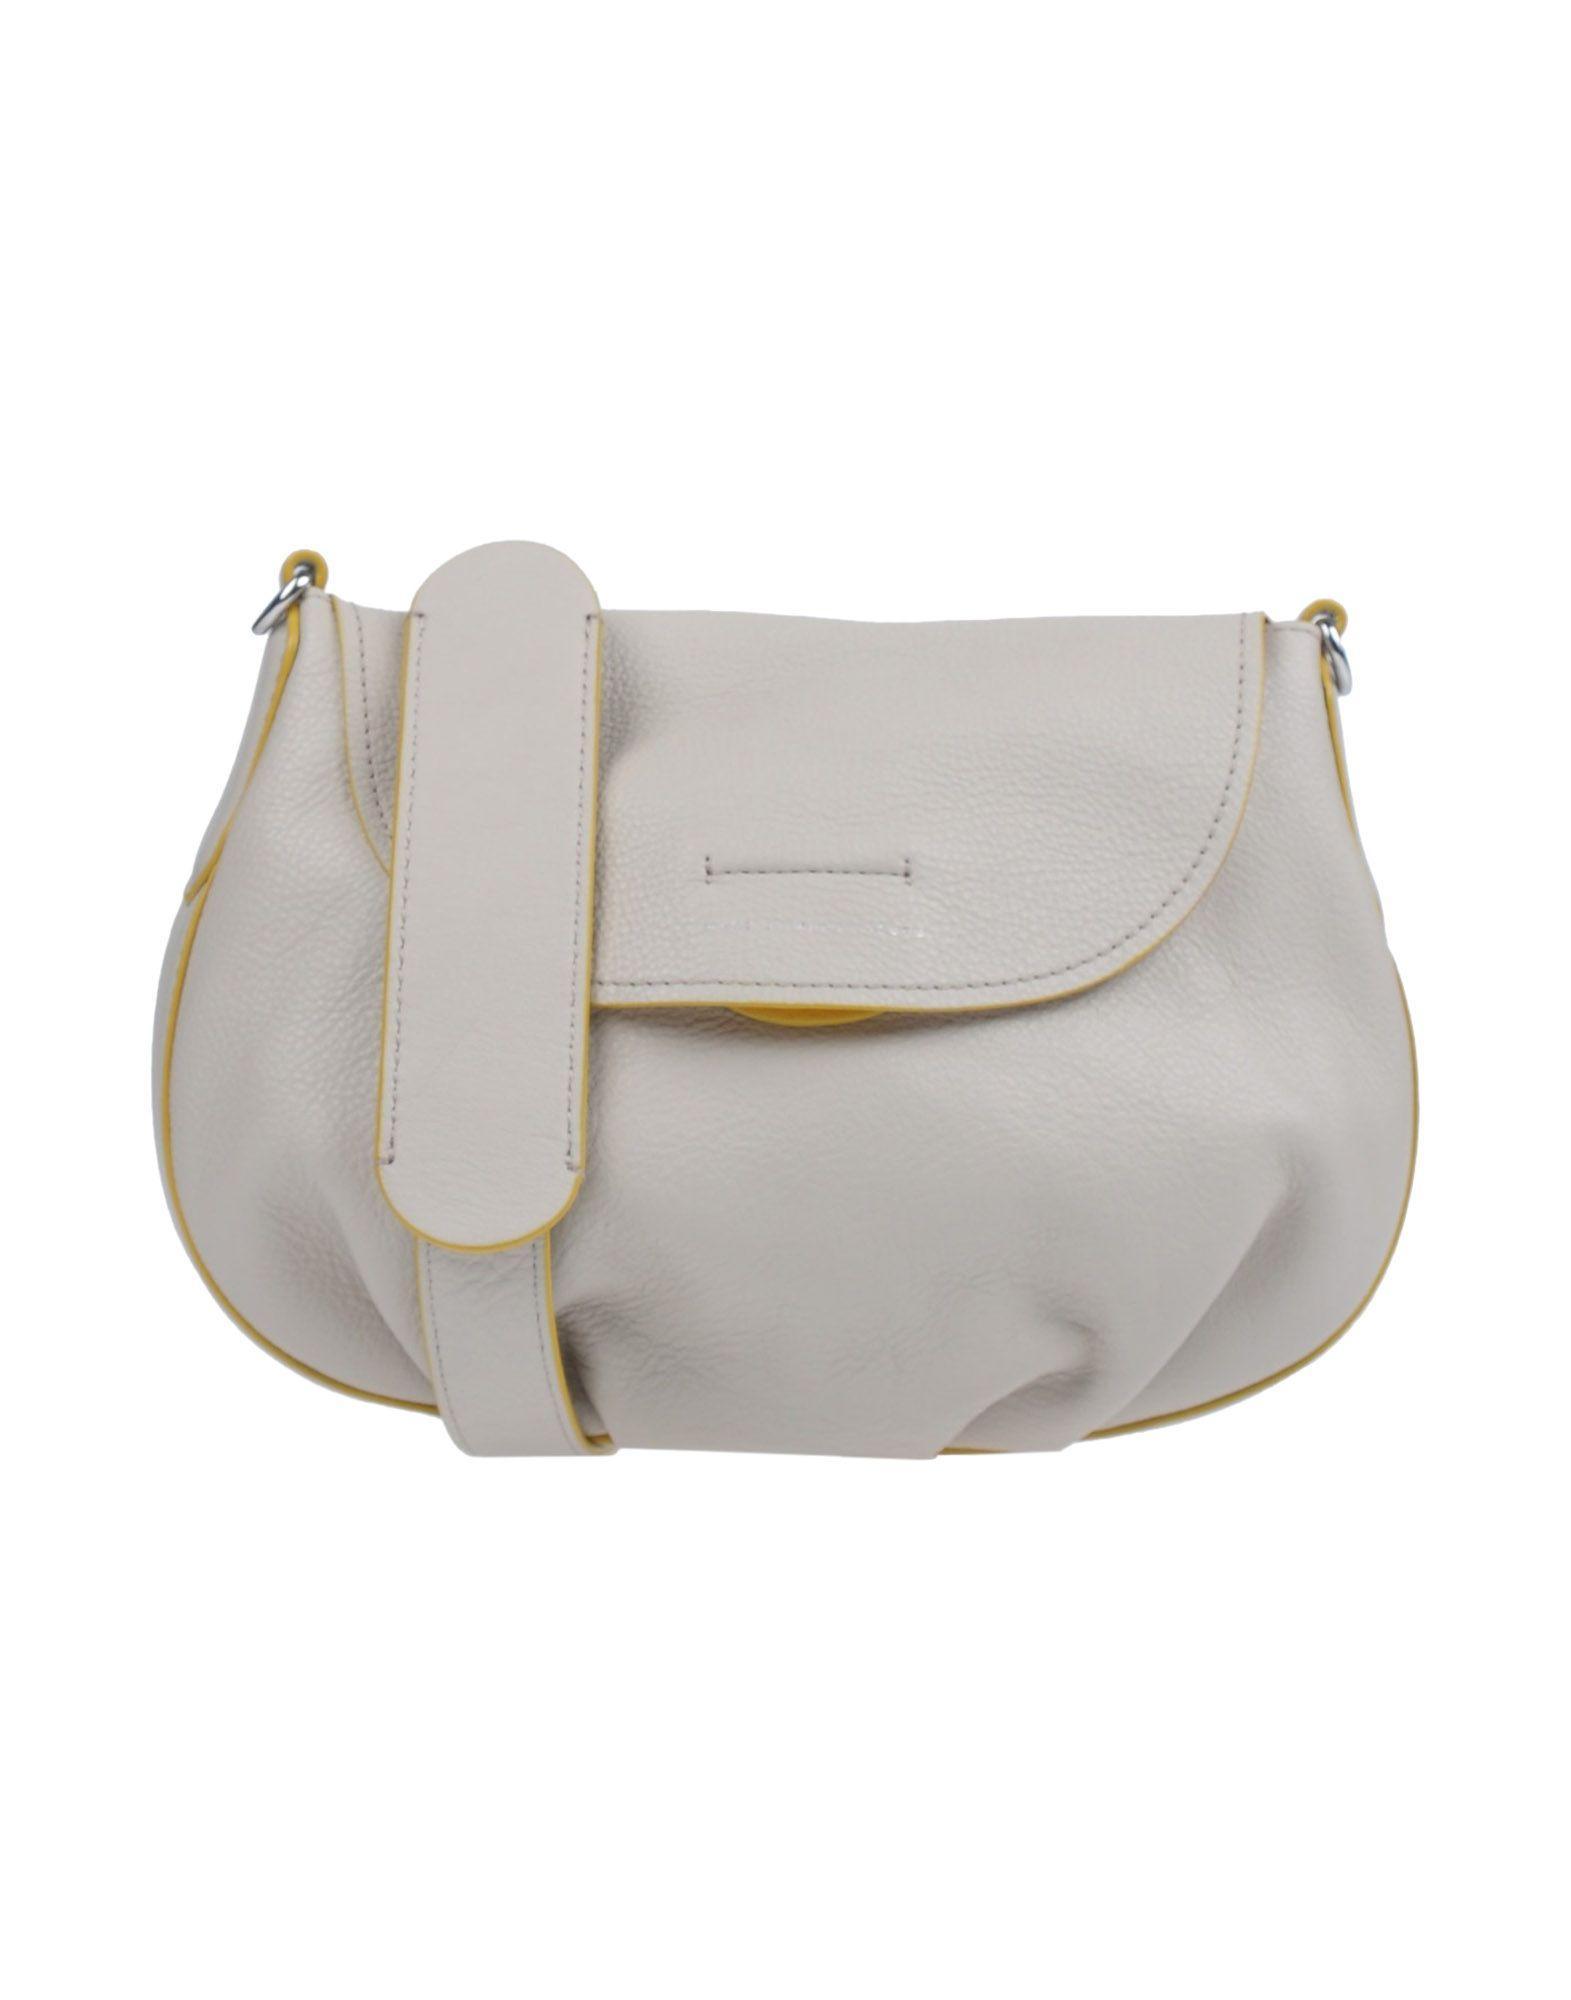 634ede6f7eb0 Женские сумки через плечо Marc By Marc Jacobs купить в интернет ...